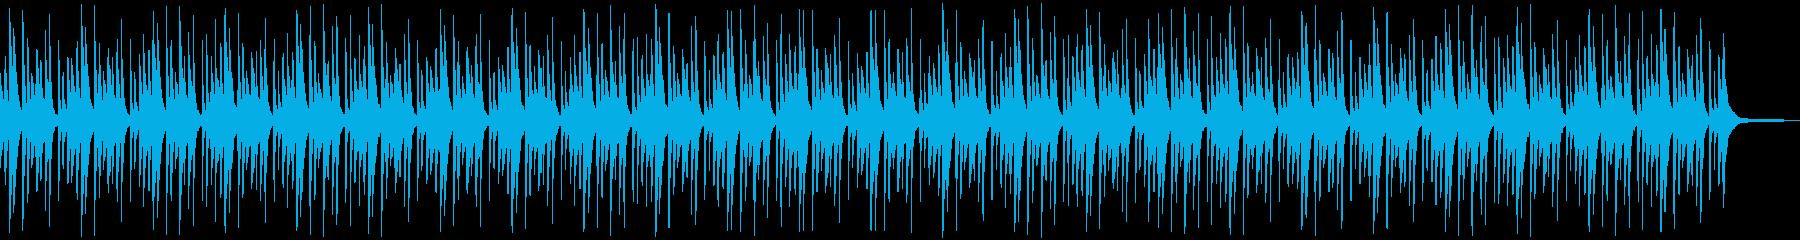 悲しげなピアノアンビエントの再生済みの波形